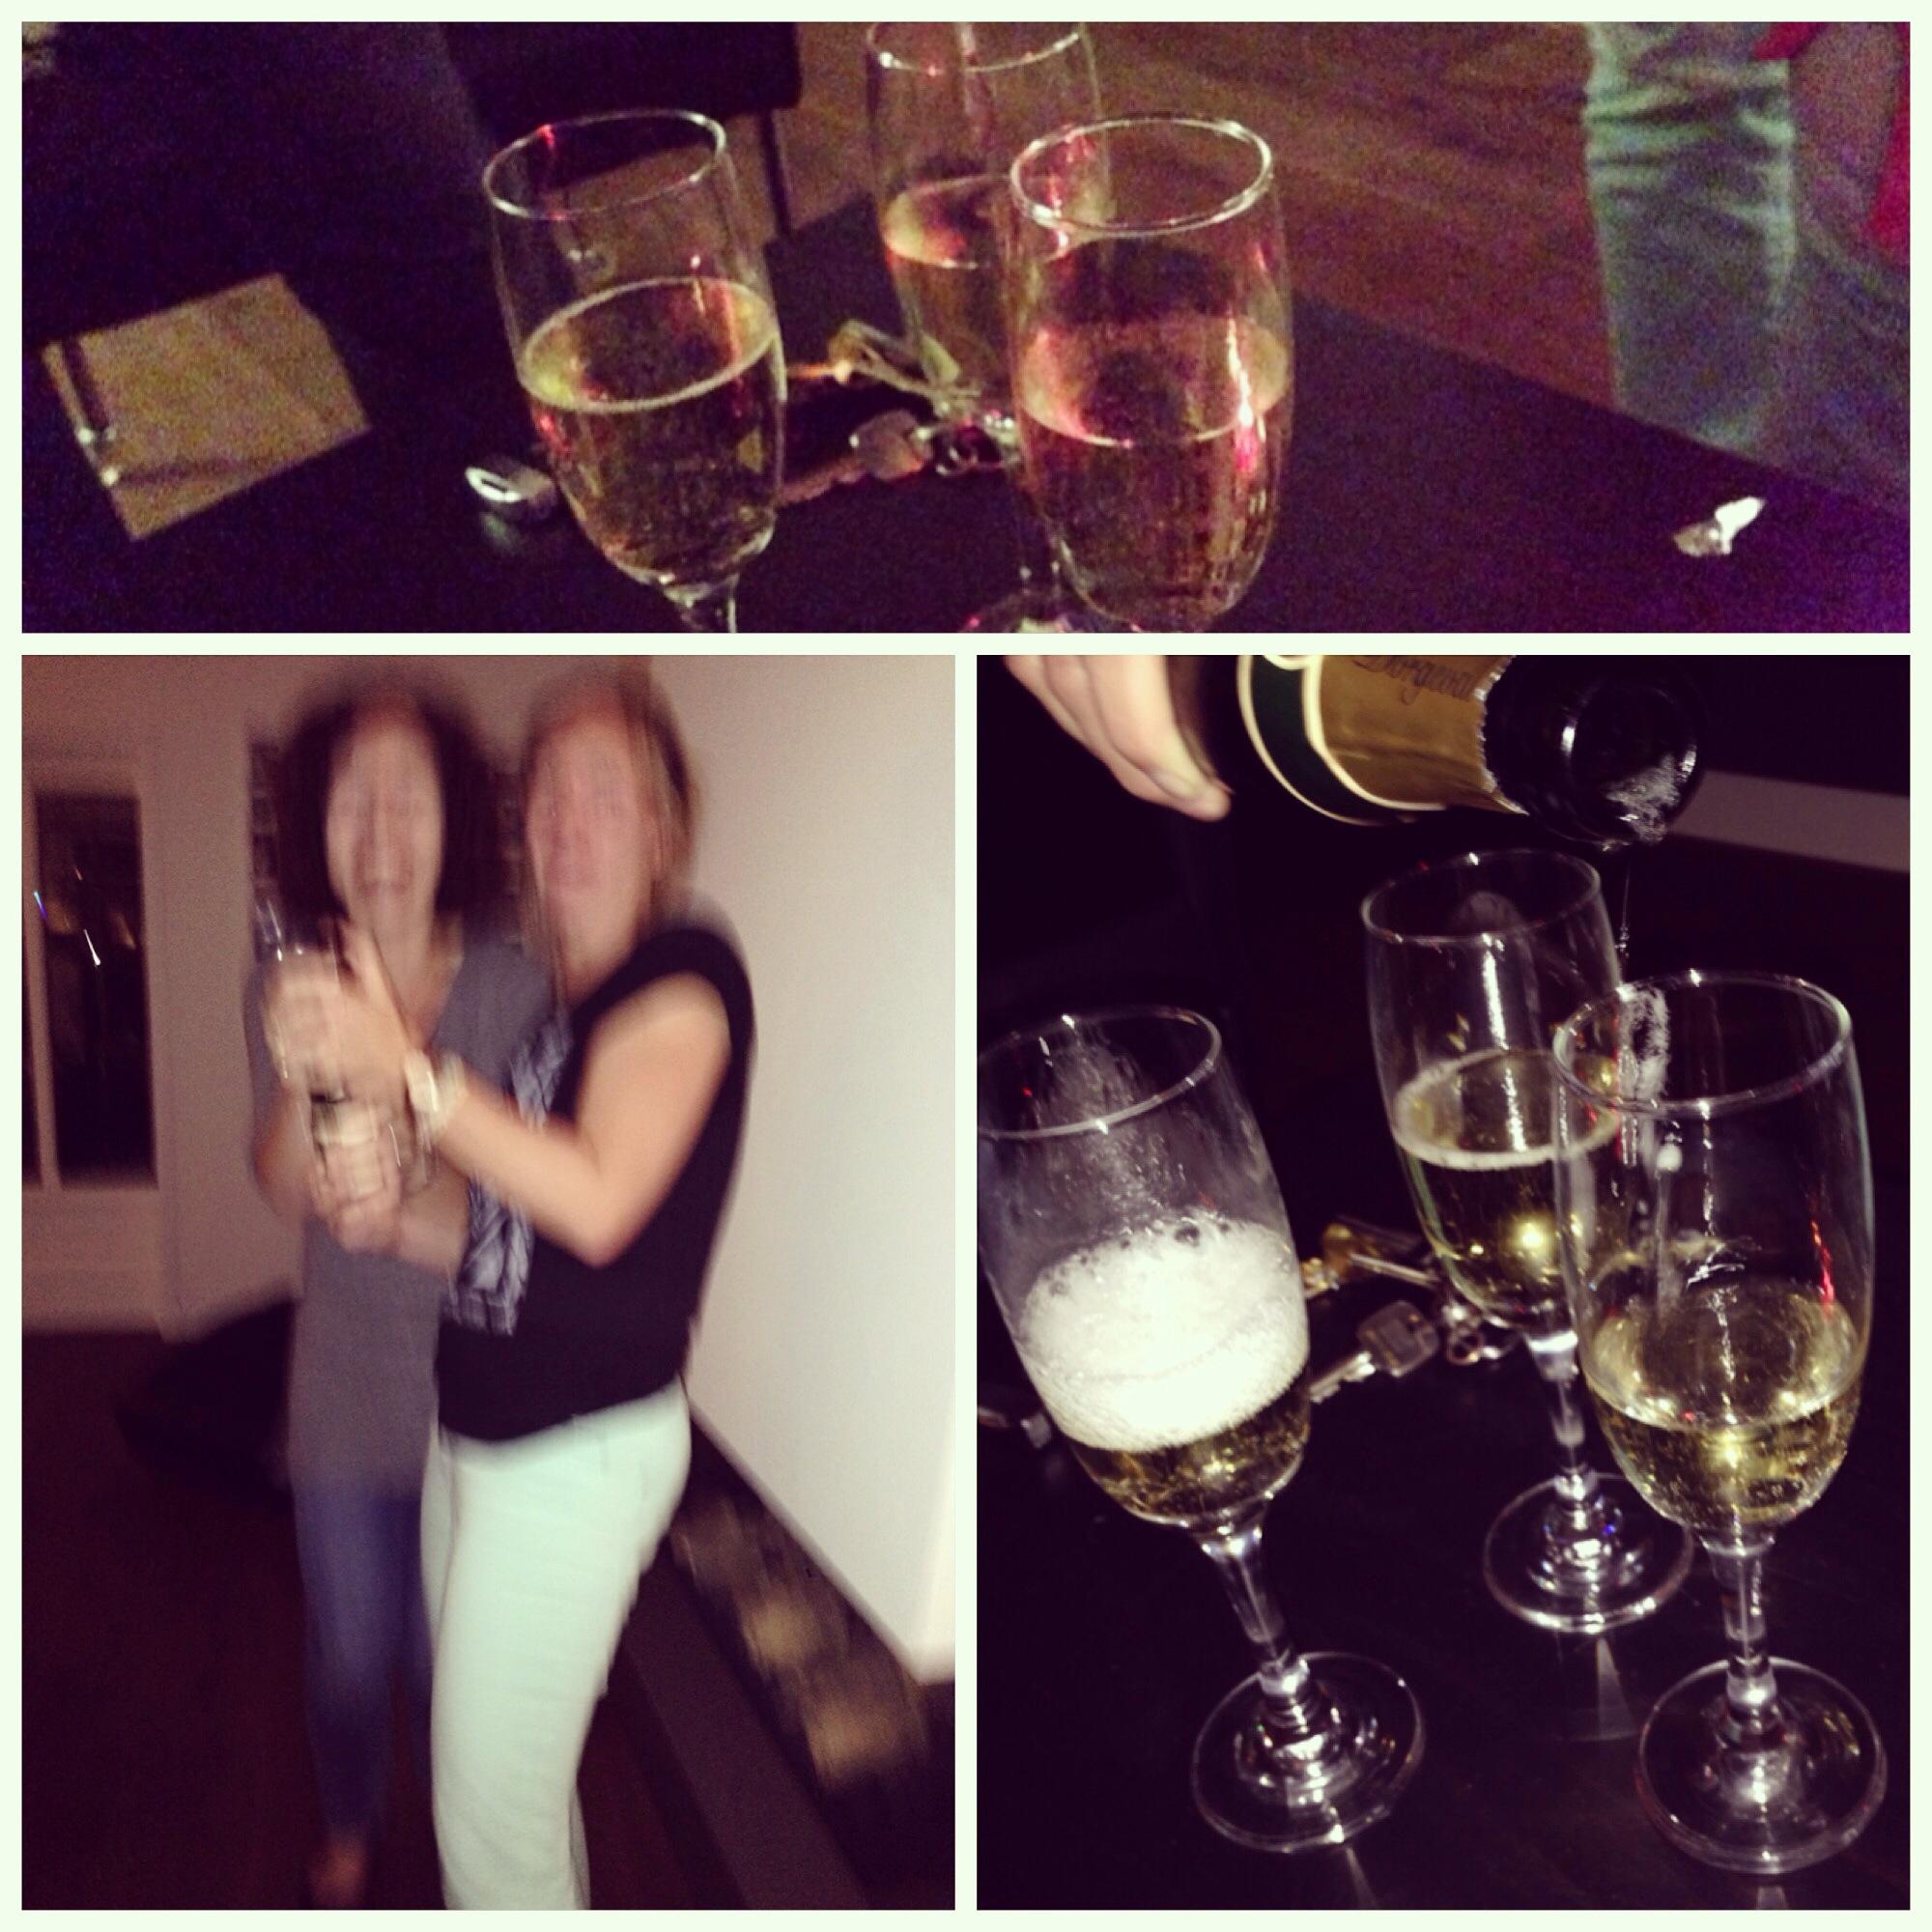 En er zijn natuurlijk ook momenten van afscheid nemen. Een laatste meidenavondje met uiteraard champagne. Om 2 uur was ik weer thuis. Fijne avondjes zijn dit.